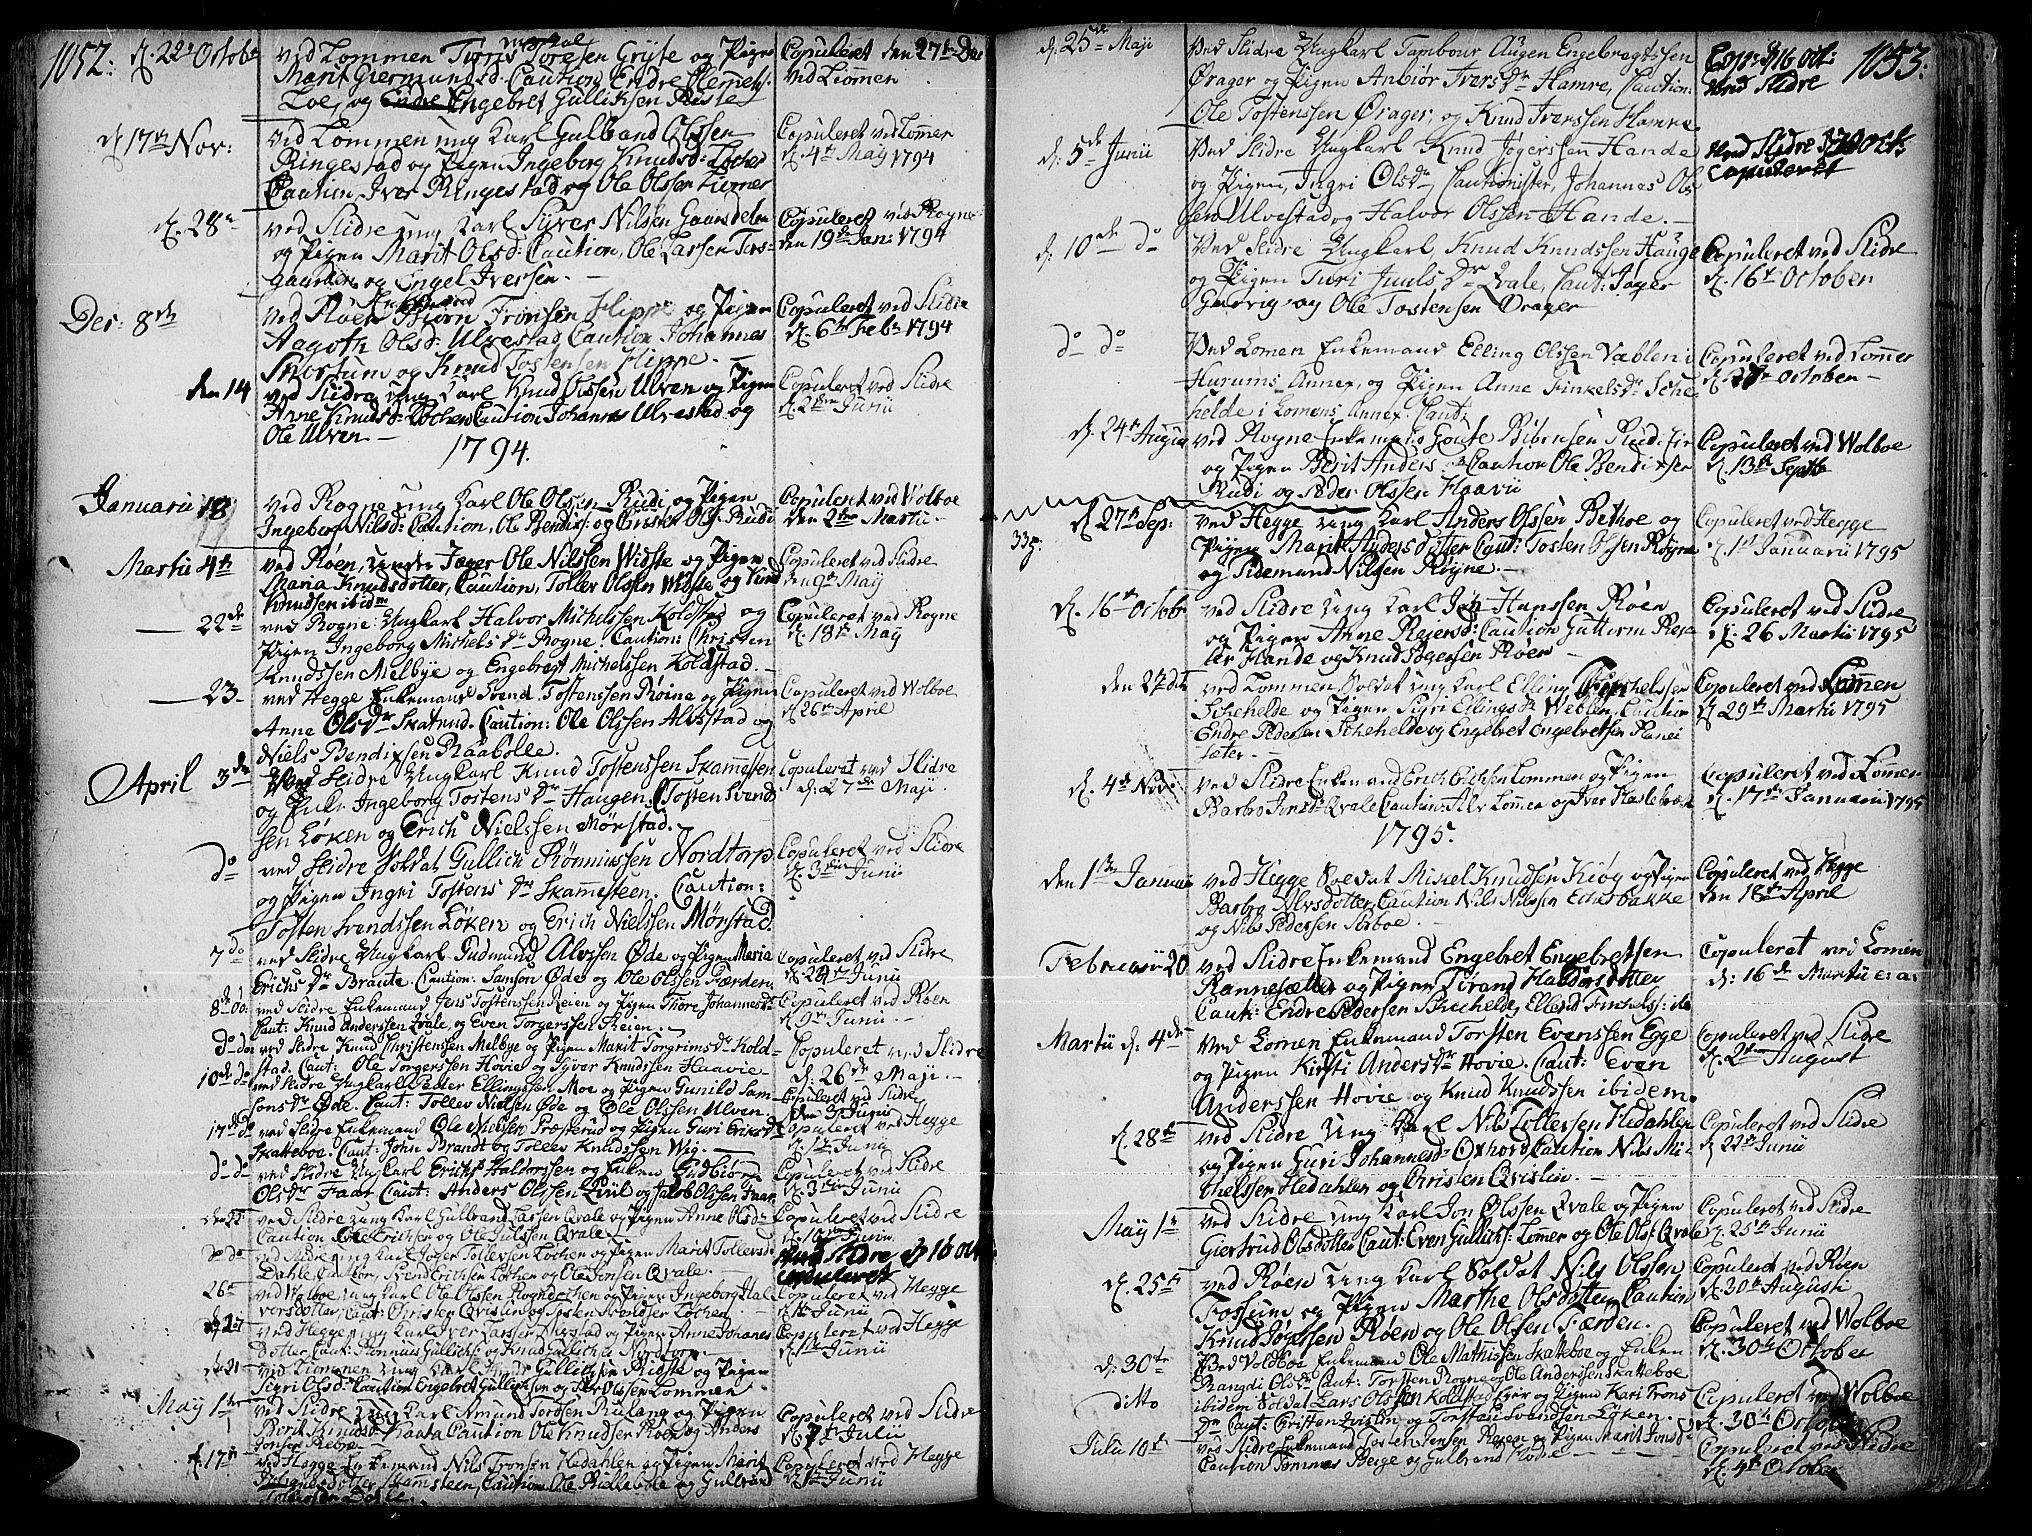 SAH, Slidre prestekontor, Ministerialbok nr. 1, 1724-1814, s. 1052-1053